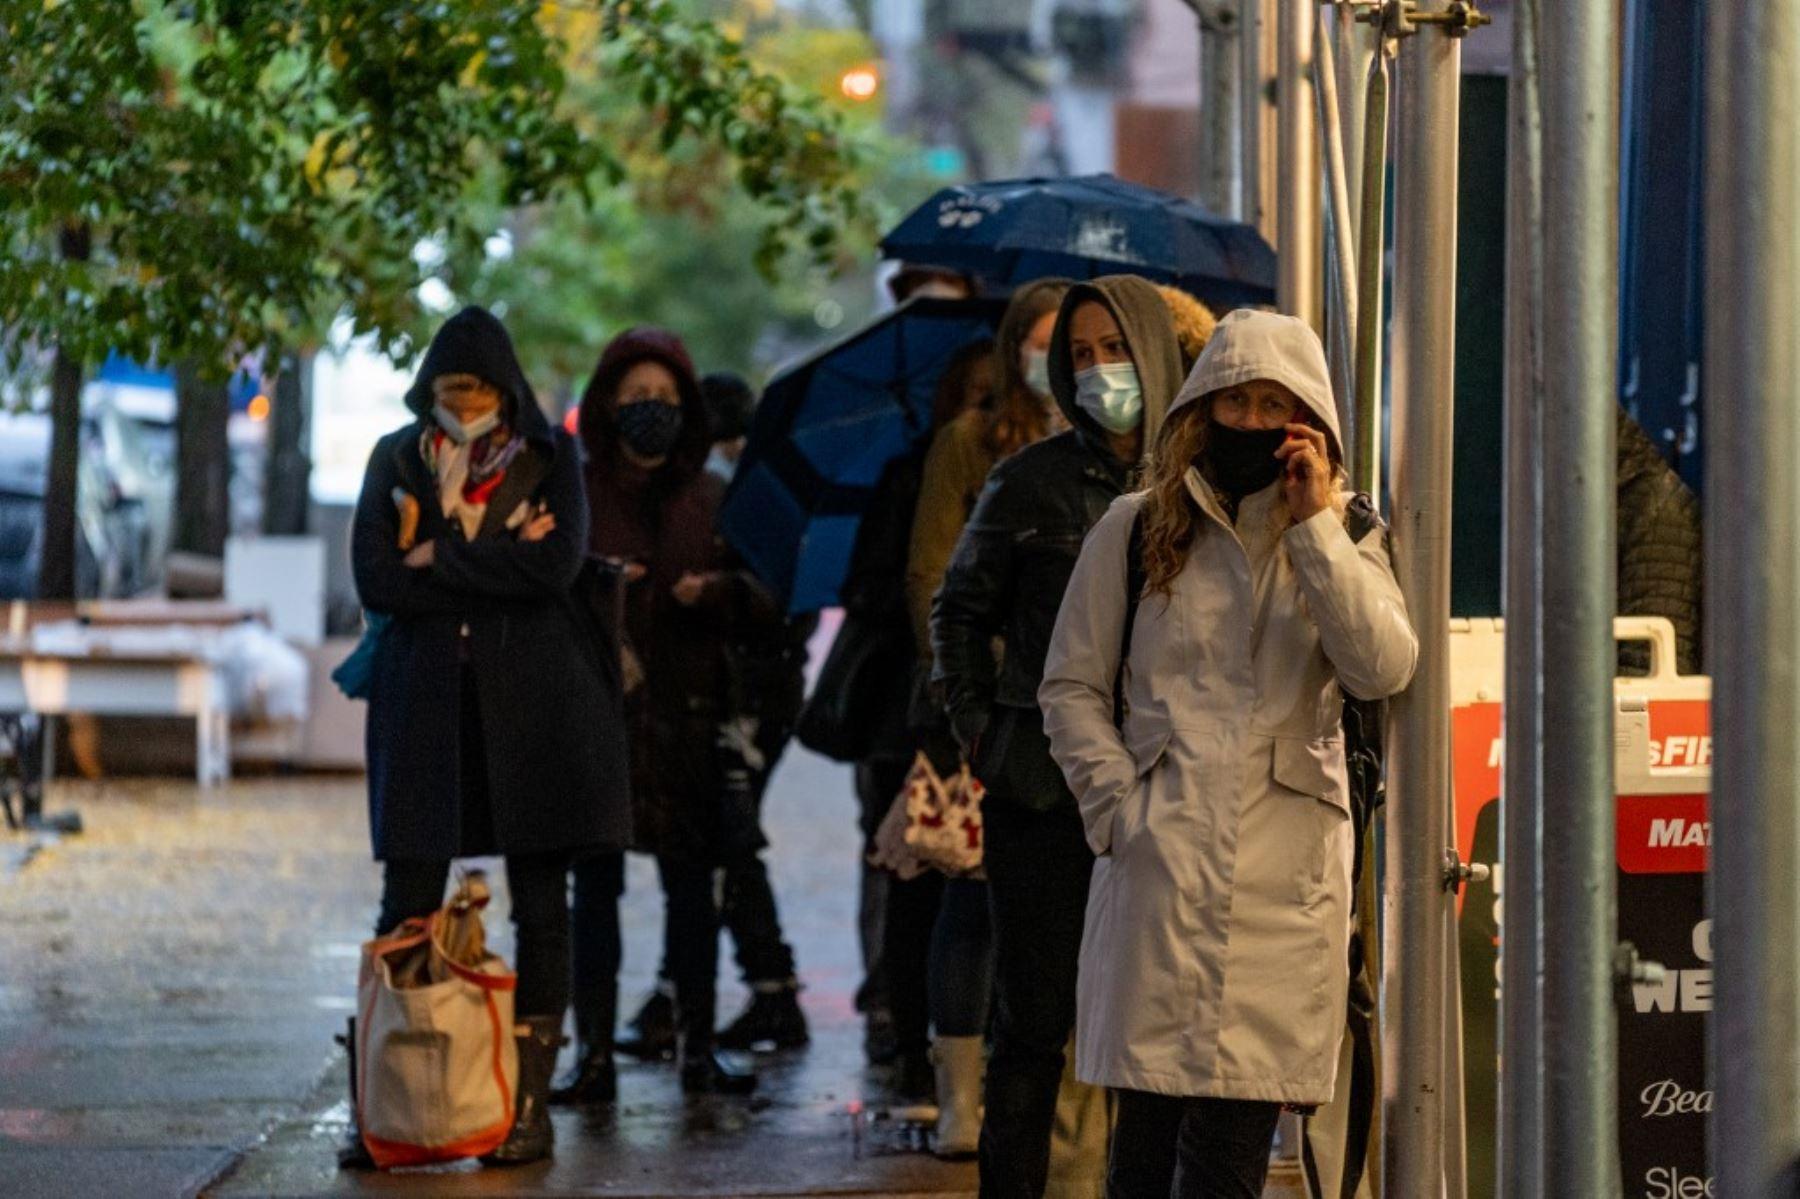 Las personas hacen fila fuera de CityMd para las pruebas de Covid-19 el 29 de octubre de 2020 en la ciudad de Nueva York. Foto: AFP